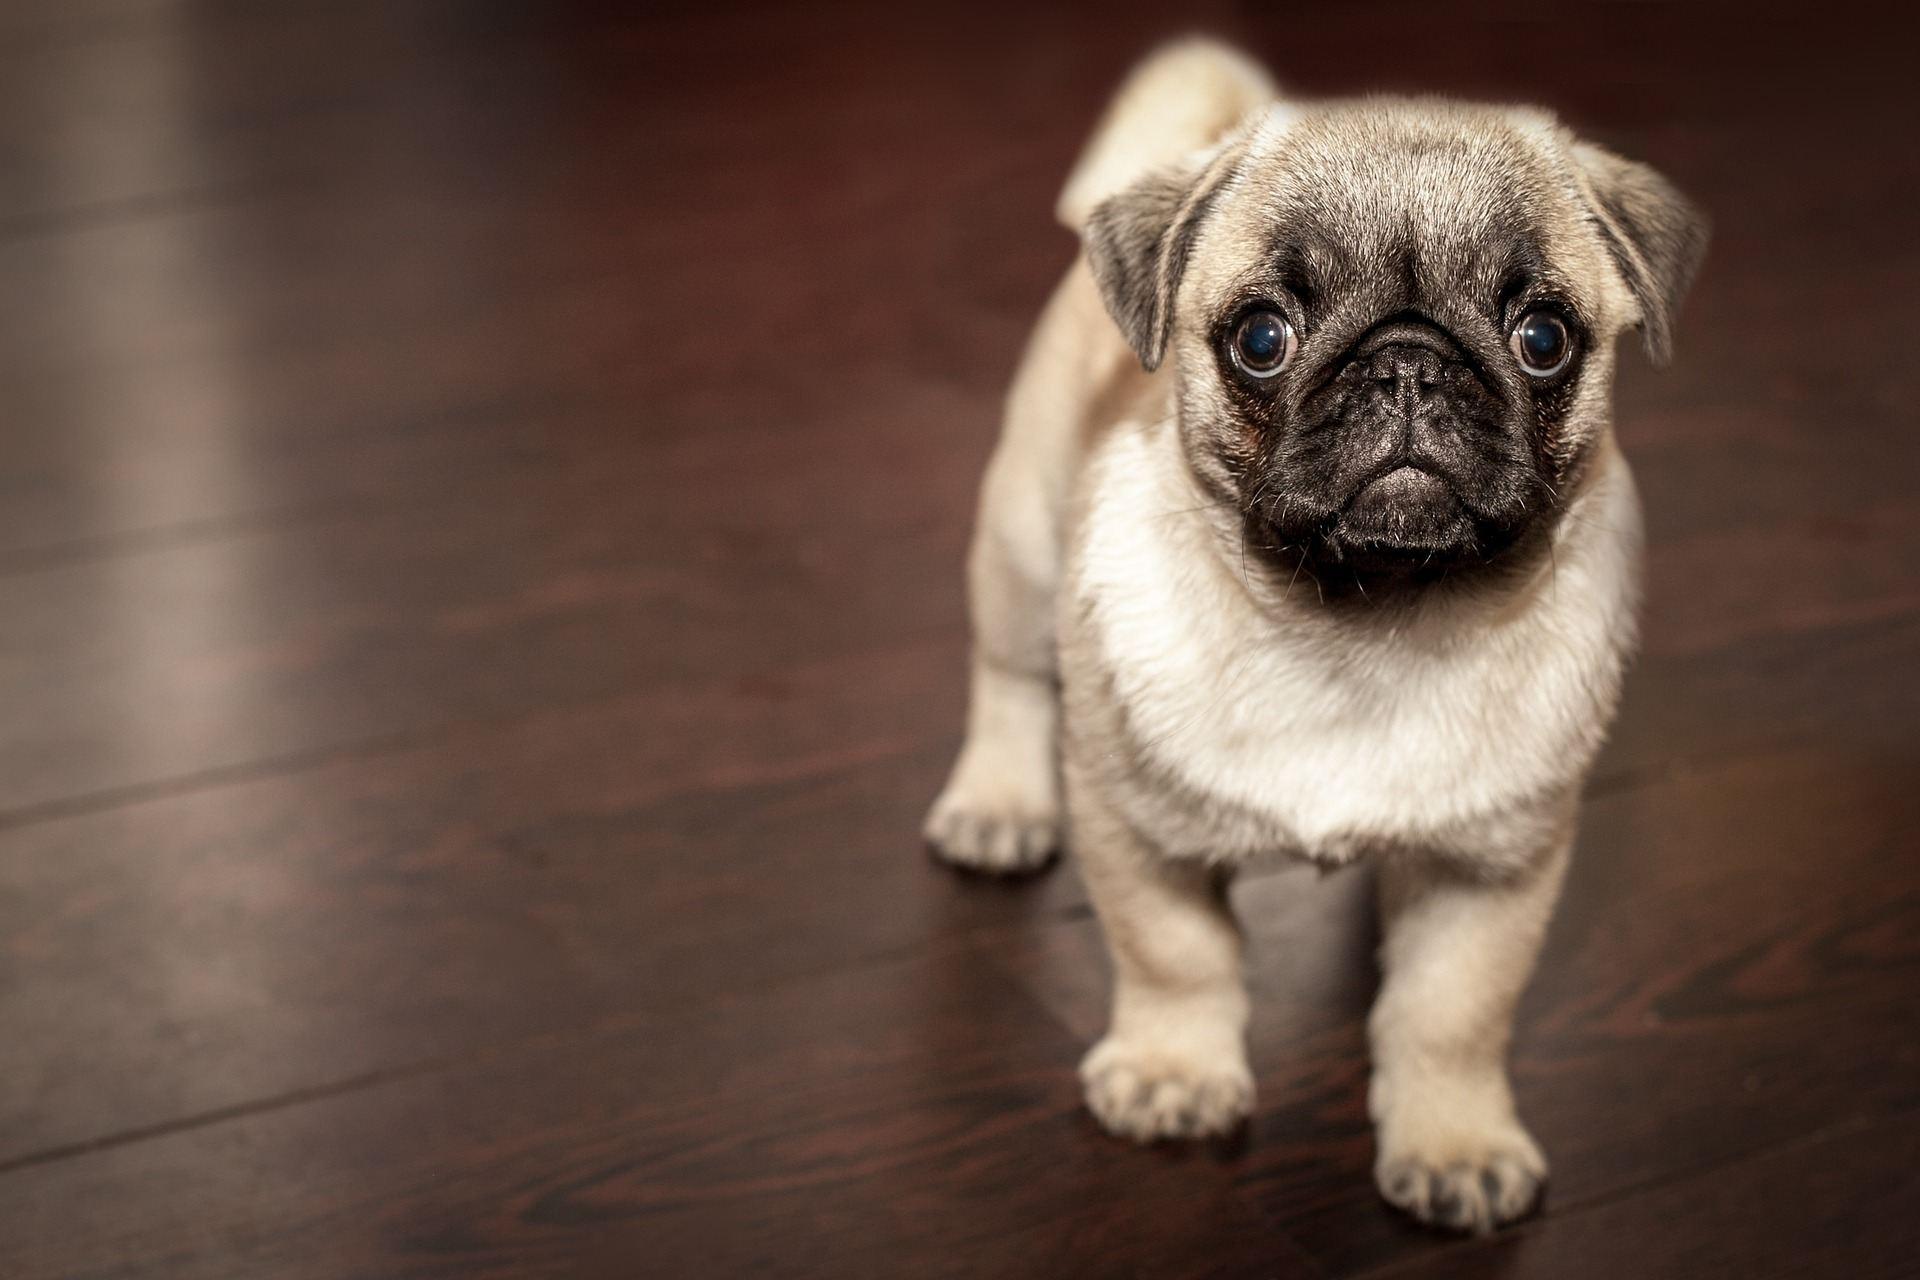 2. 套嘴會增加對狗的厭惡,高樓、汽車、忙碌的人,我們所居住的城市中可以微笑的片刻,可能就是看著狗在街上可愛地揮舞著尾巴。問題是,即使是一隻漂亮的狗,套嘴後都會讓狗看起來很可怕,這也可能增強了對狗的厭惡和防備心。